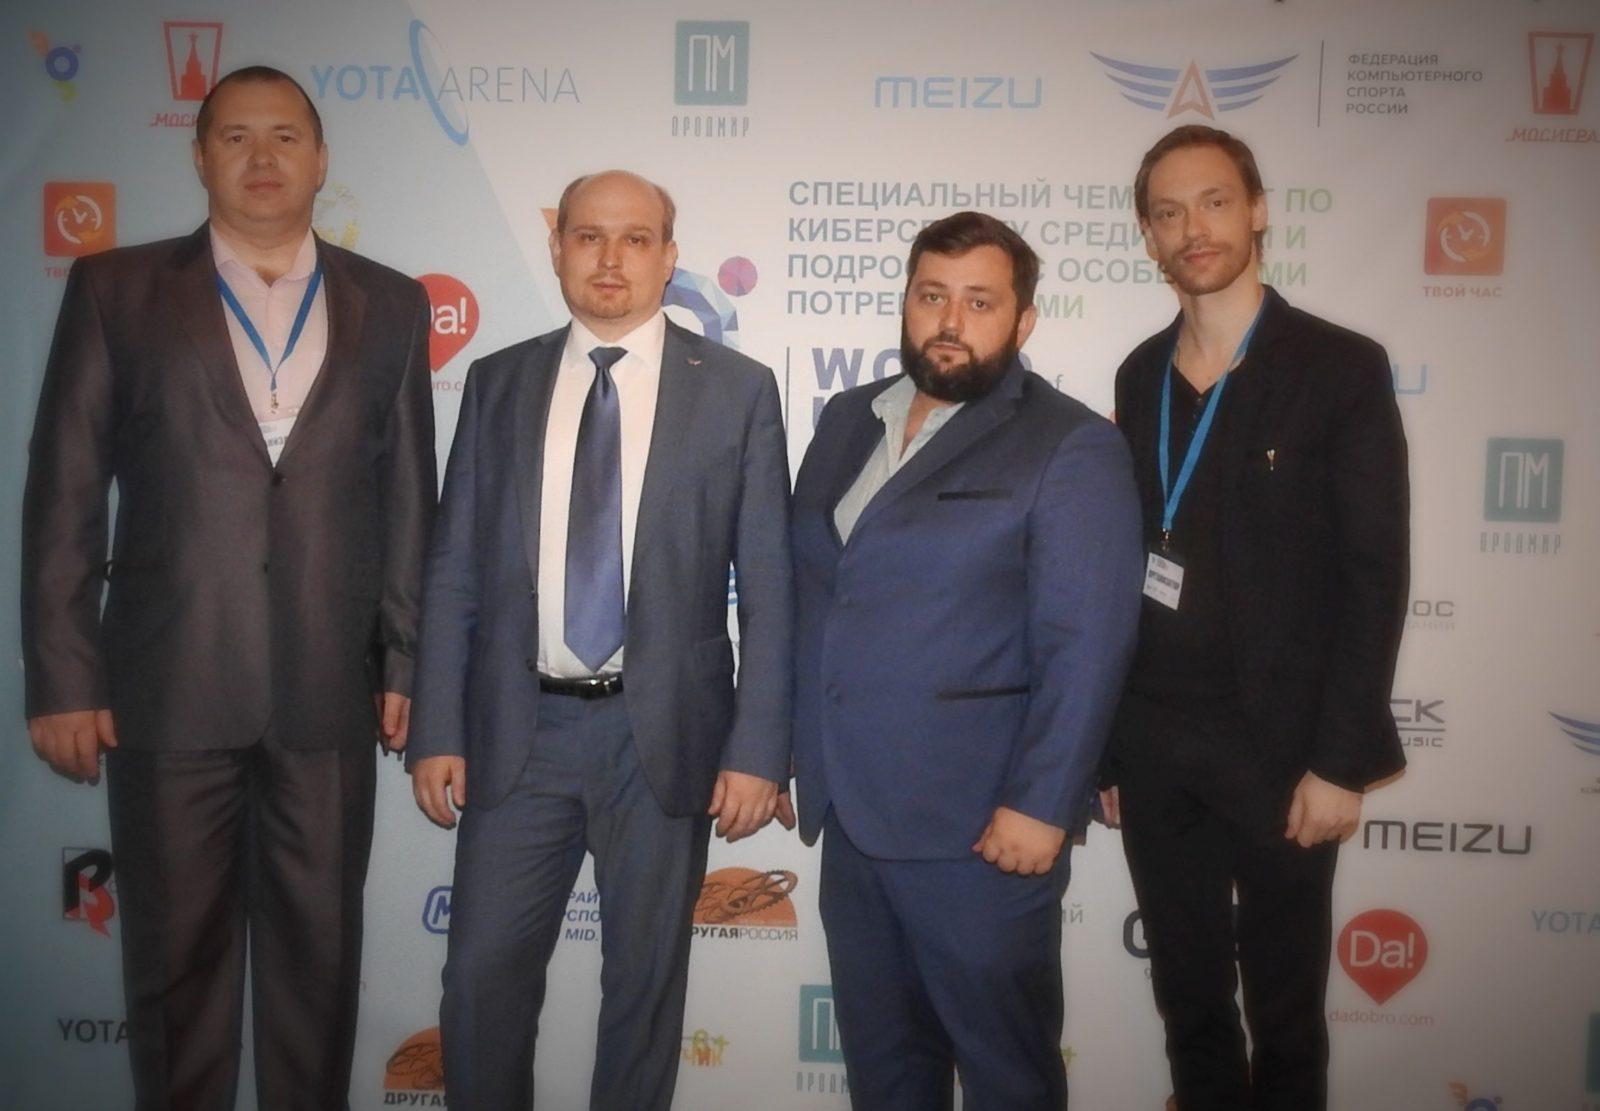 В Москве прошел чемпионат по киберспорту среди уникальных геймеров 4